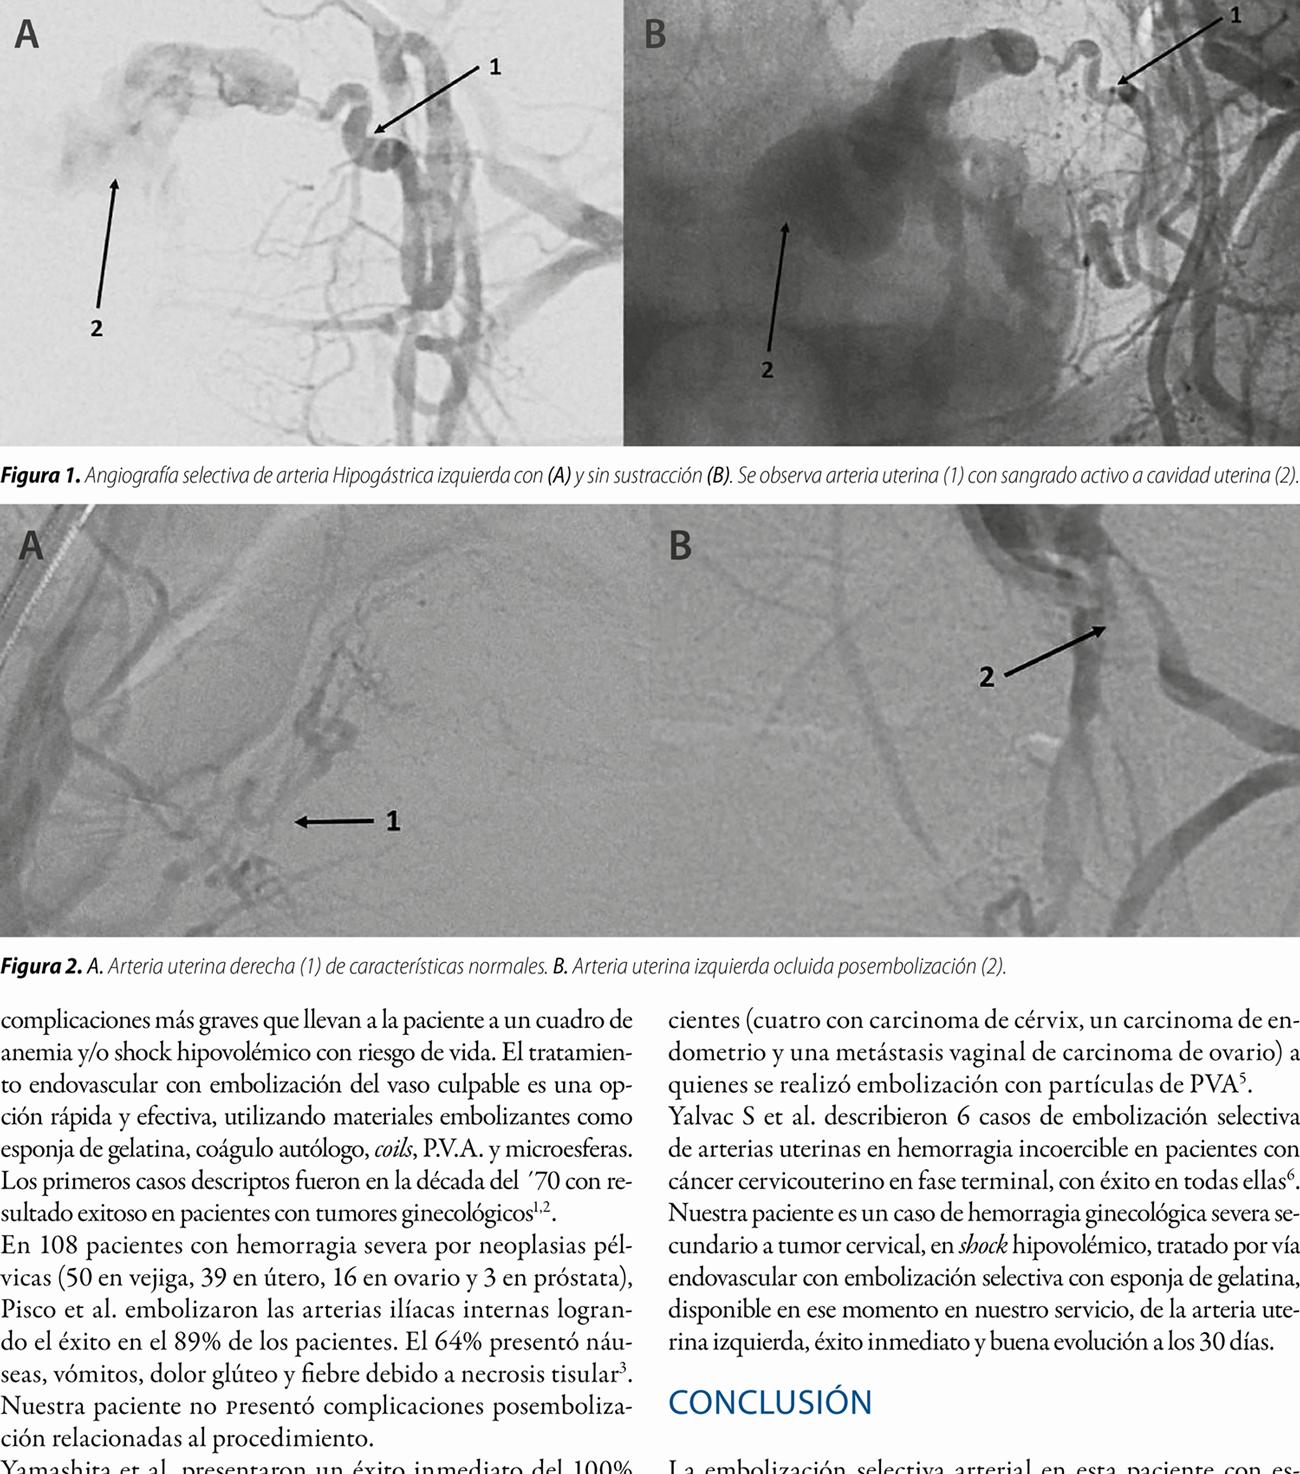 Embolización de arteria uterina en una paciente  con sangrado vaginal y shock hipovolémico